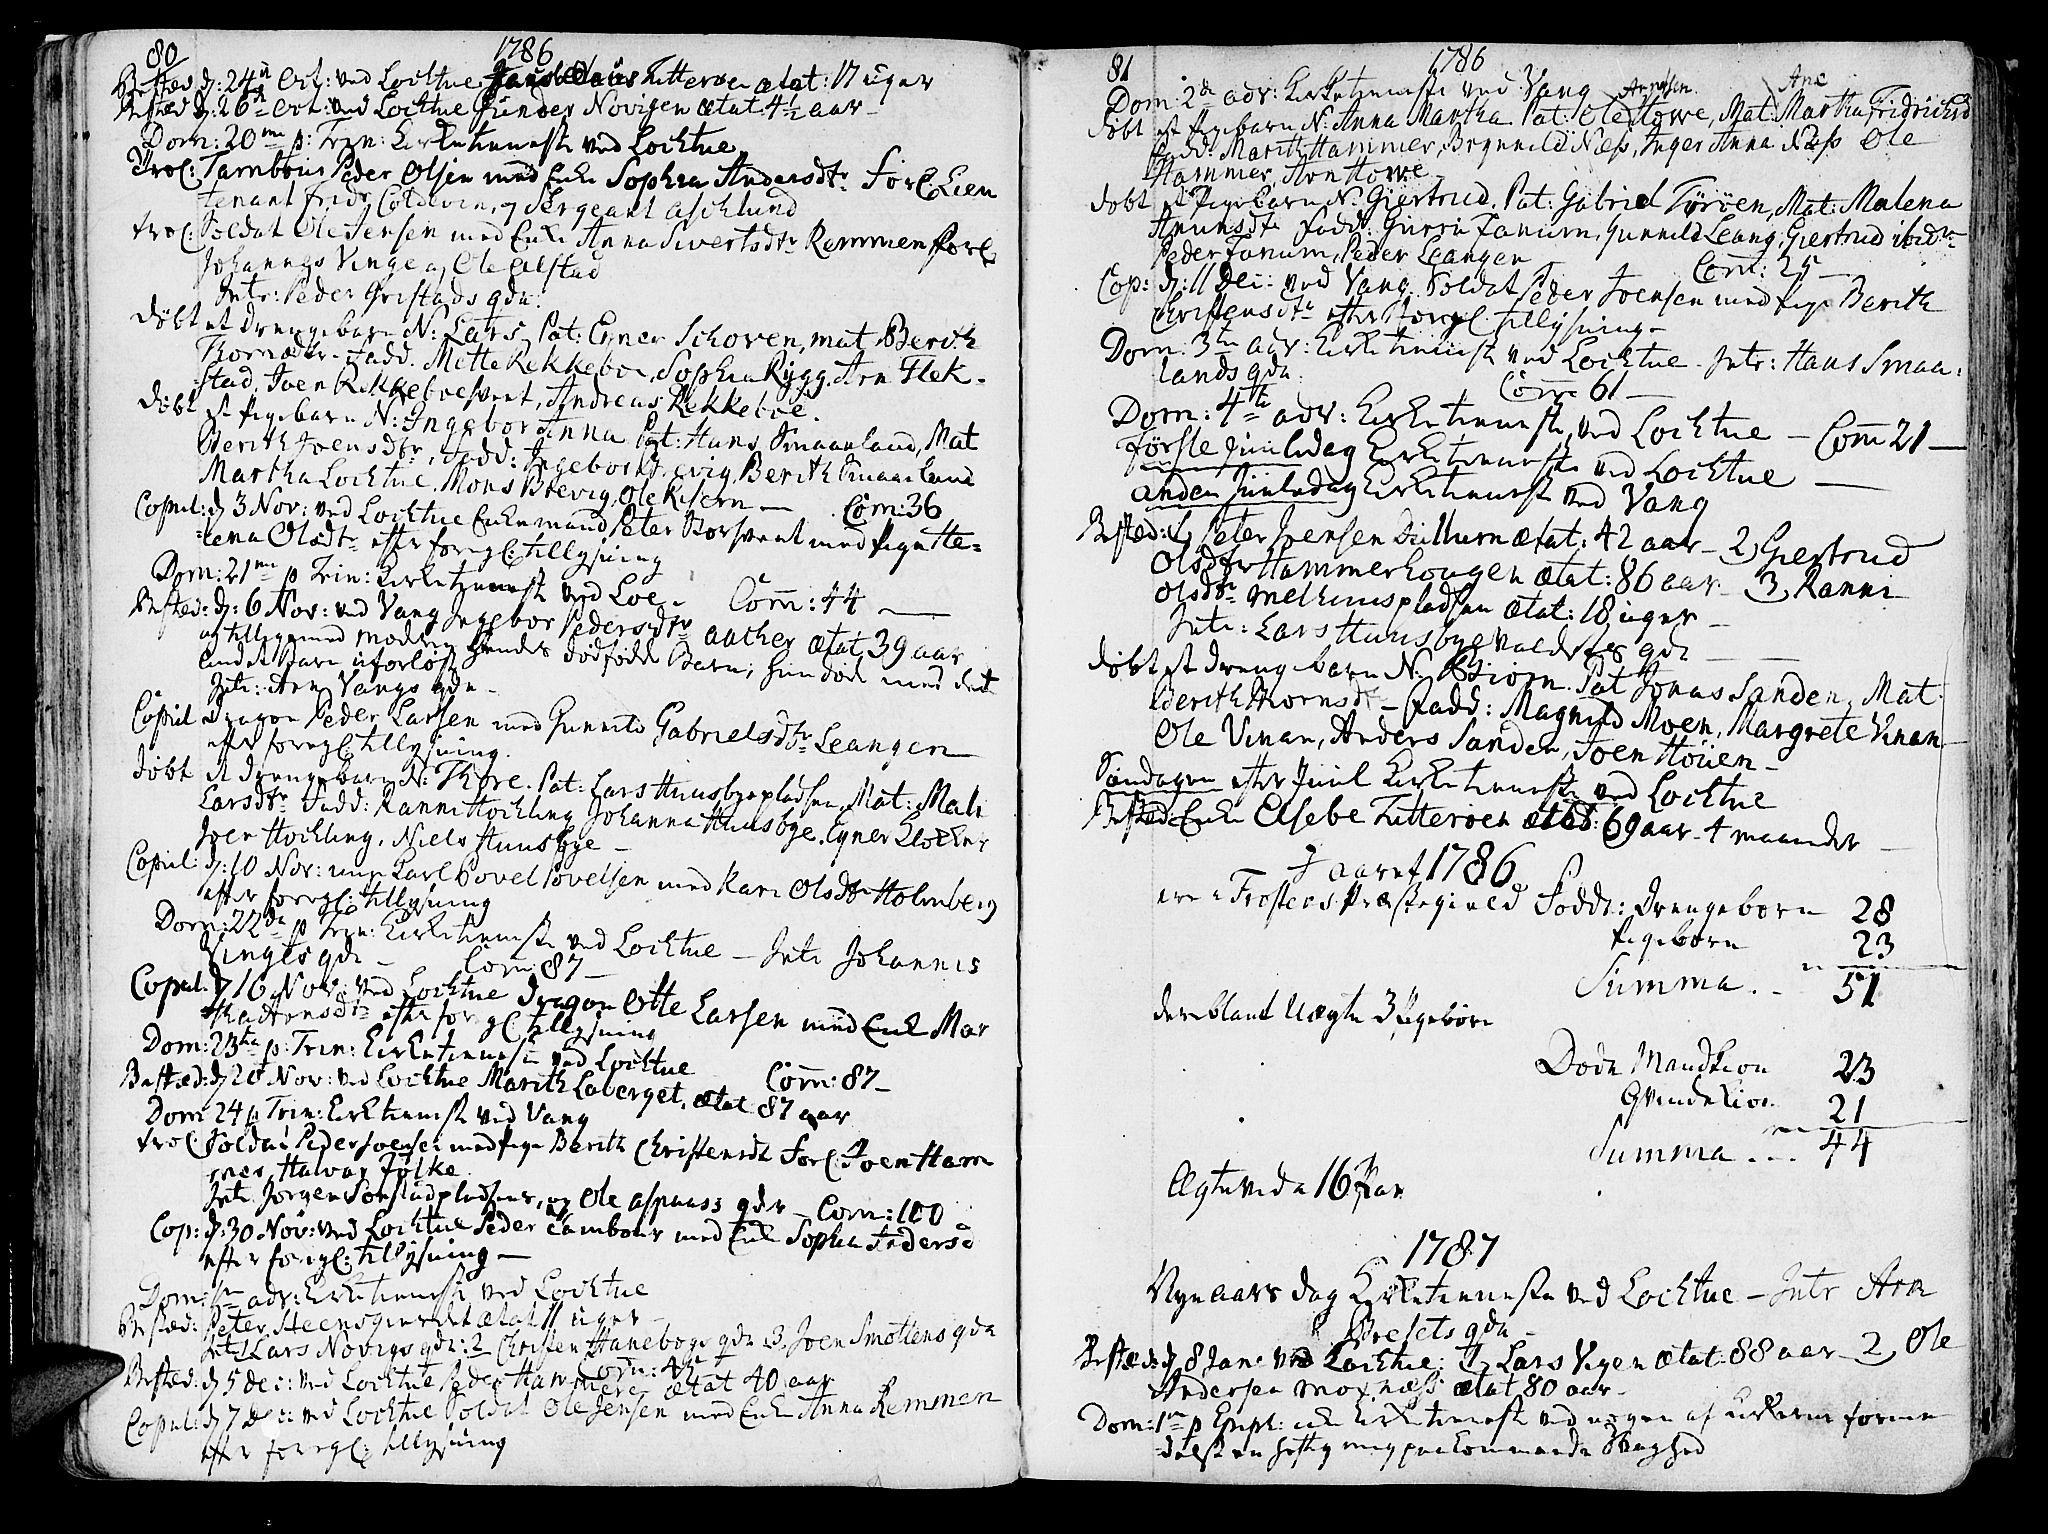 SAT, Ministerialprotokoller, klokkerbøker og fødselsregistre - Nord-Trøndelag, 713/L0110: Ministerialbok nr. 713A02, 1778-1811, s. 80-81